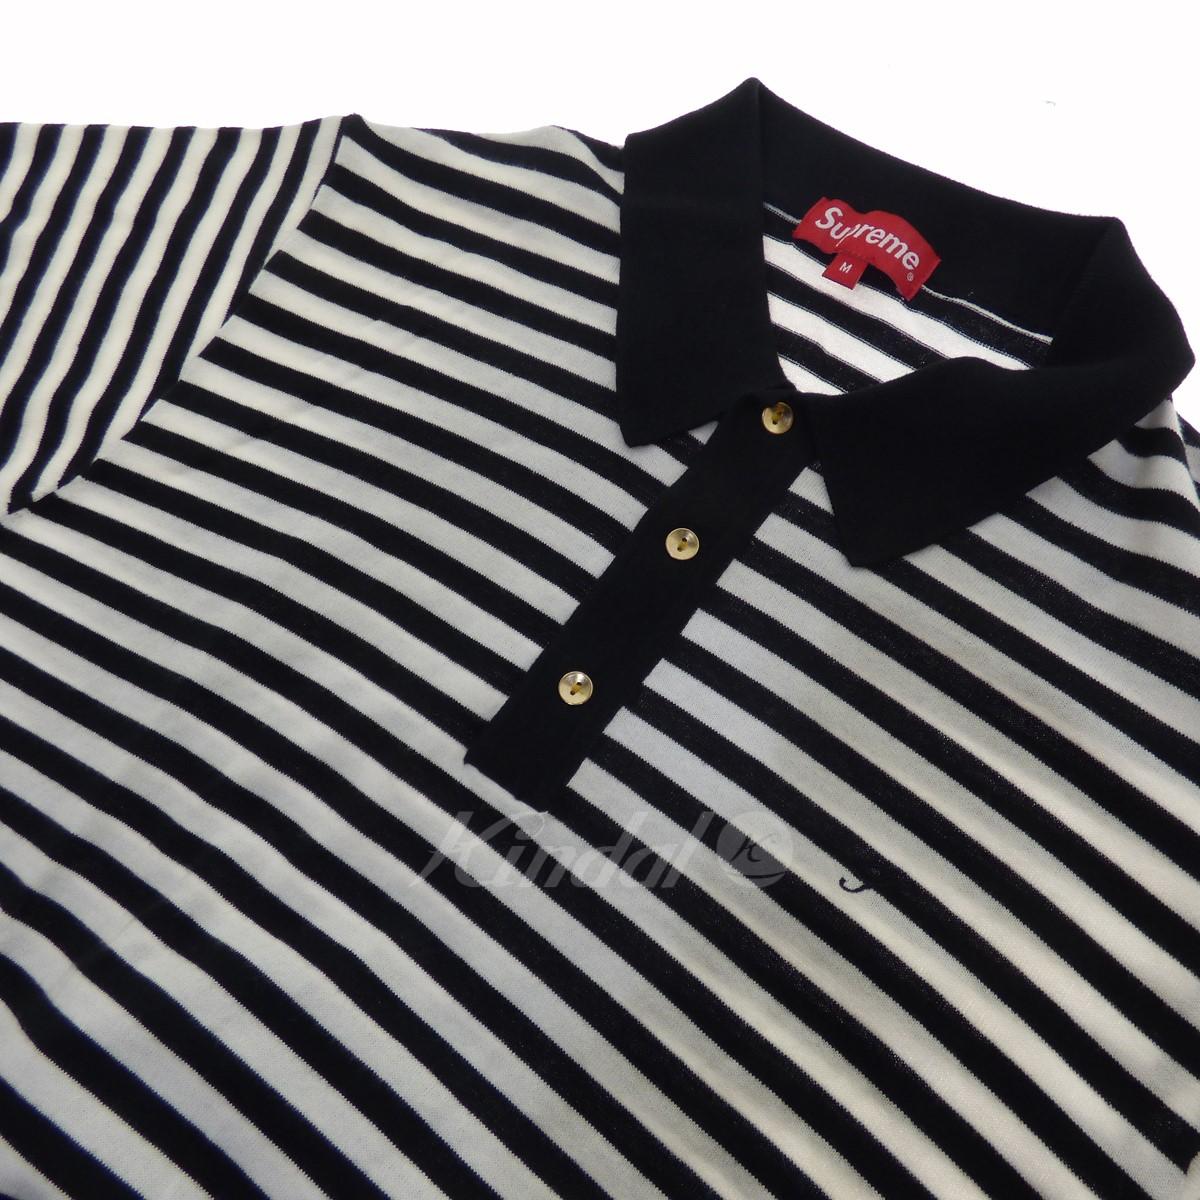 c5ab5149d1 ... SUPREME Striped Knit Polo white X black size: M (シュプリーム) ...